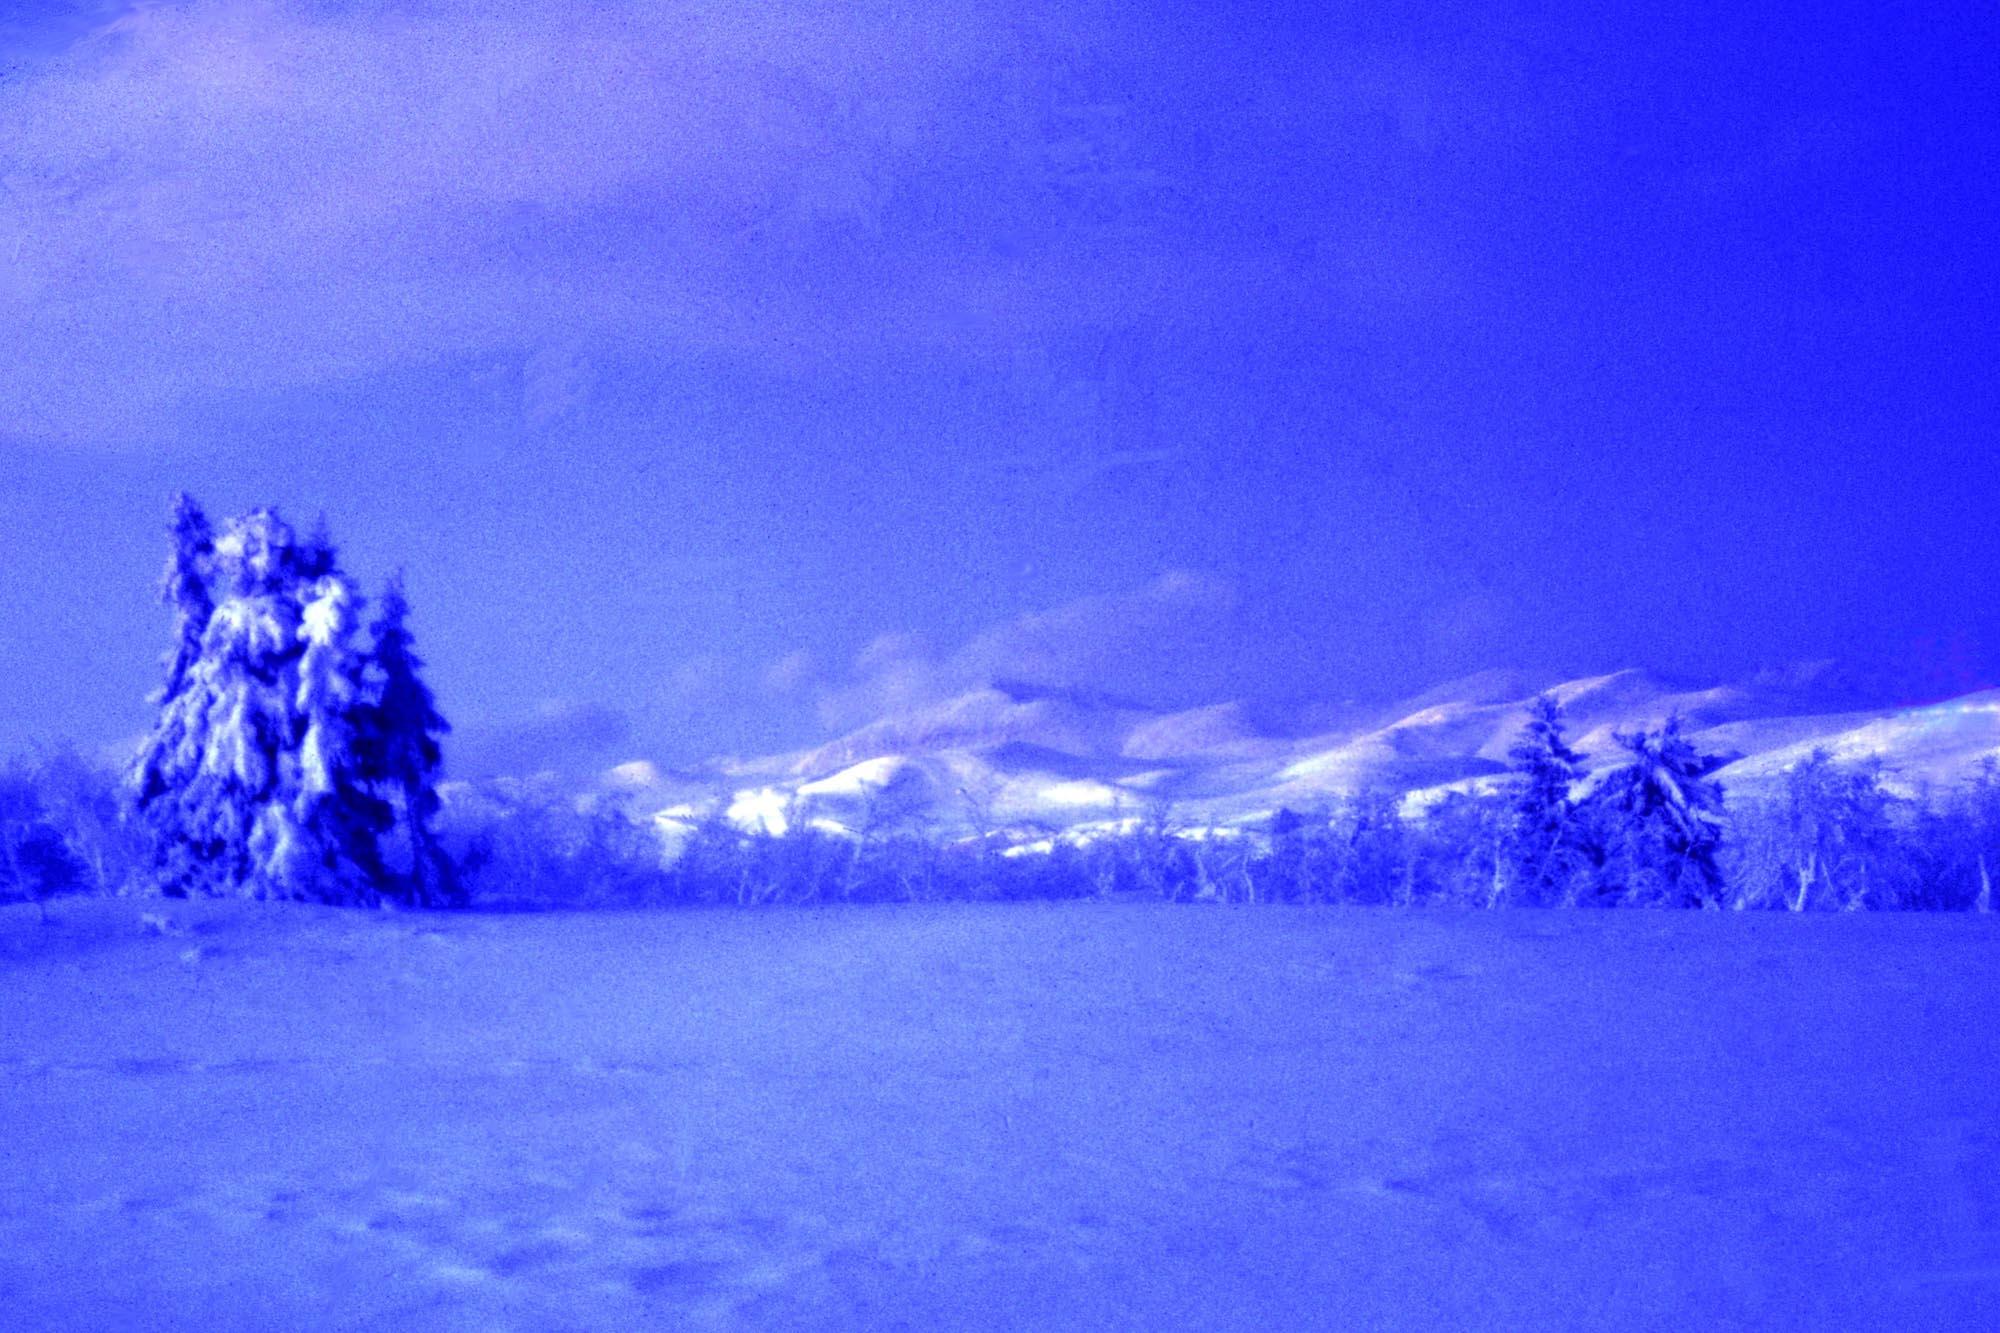 Bildet er fra Venabygdsfjellet, der Langbakken begynner. En runder den slake svingen, og panoramautsikten mot Rondane åpner seg. Fjellene har alltid vært der, mens lys og årstider gjør at de oppleves forskjellig. Sommer, høst, vinter og vår, aldri helt like, men fjellene er stadig de samme. Den som har opplevd soloppgang - spesielt om vinteren - på dette stedet glemmer det aldri. Å se de første røde og varme solstrålene bre seg - først på toppene dernest over hele fjellrekka - det er rett og slett magisk. Dette bildet ble tatt rundt midnatt. På veg over fjellet dukket månen fram bak skylaget, og mange blå grader skapte et lys jeg ikke har opplevd før eller siden. Heldigvis hadde jeg med både kamera og stativ, og med eksponeringstid på et par minutter ble øyeblikket foreviget. Av alle bilder jeg har tatt er kanskje dette jeg er mest glad i, opplevelsen av å oppleve et slikt lys og få foreviget det er stor. Jeg glemmer det aldri - heldigvis.